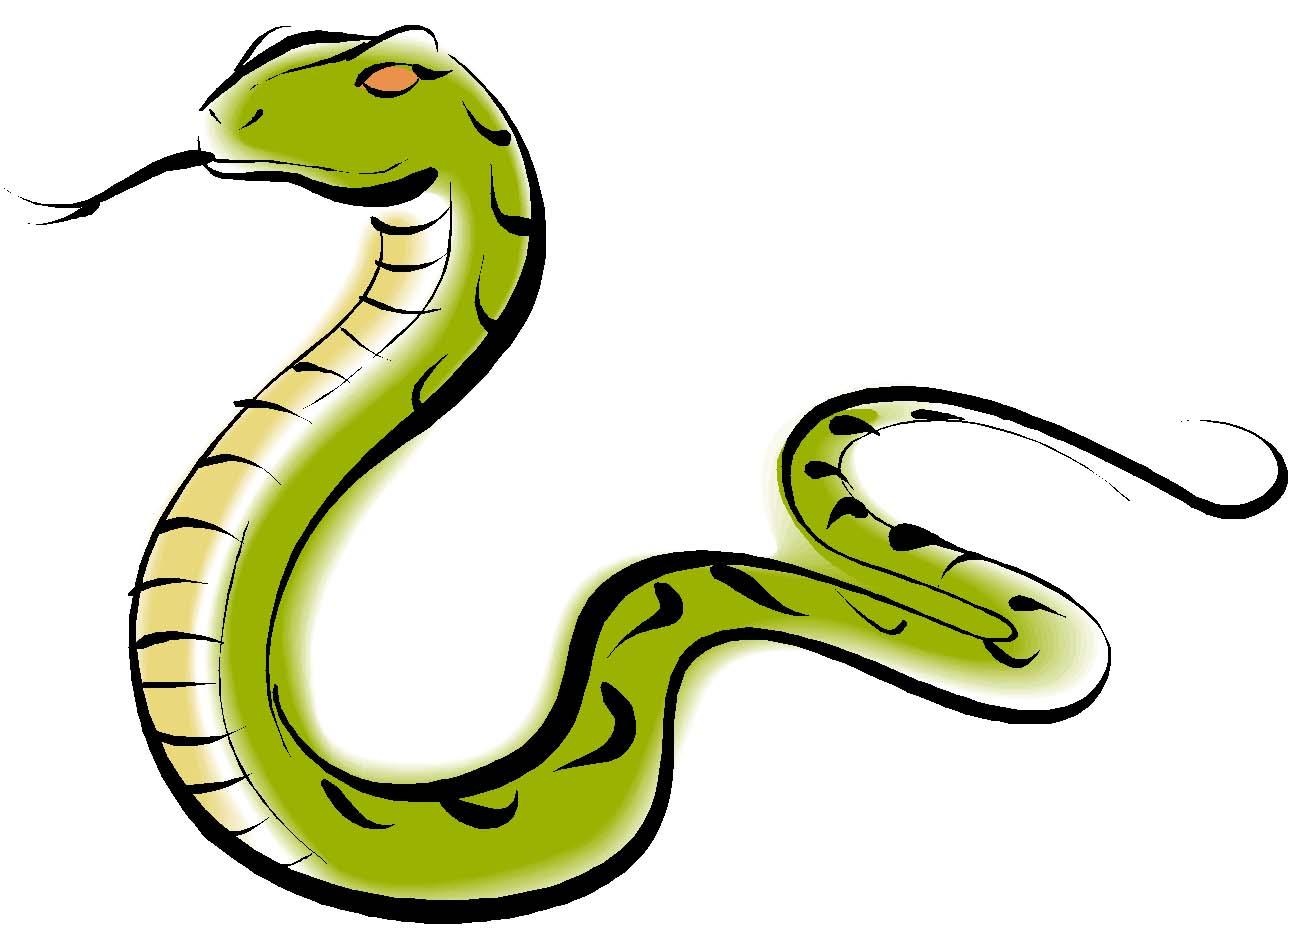 Snake clipart ajgar. Collection of anaconda free